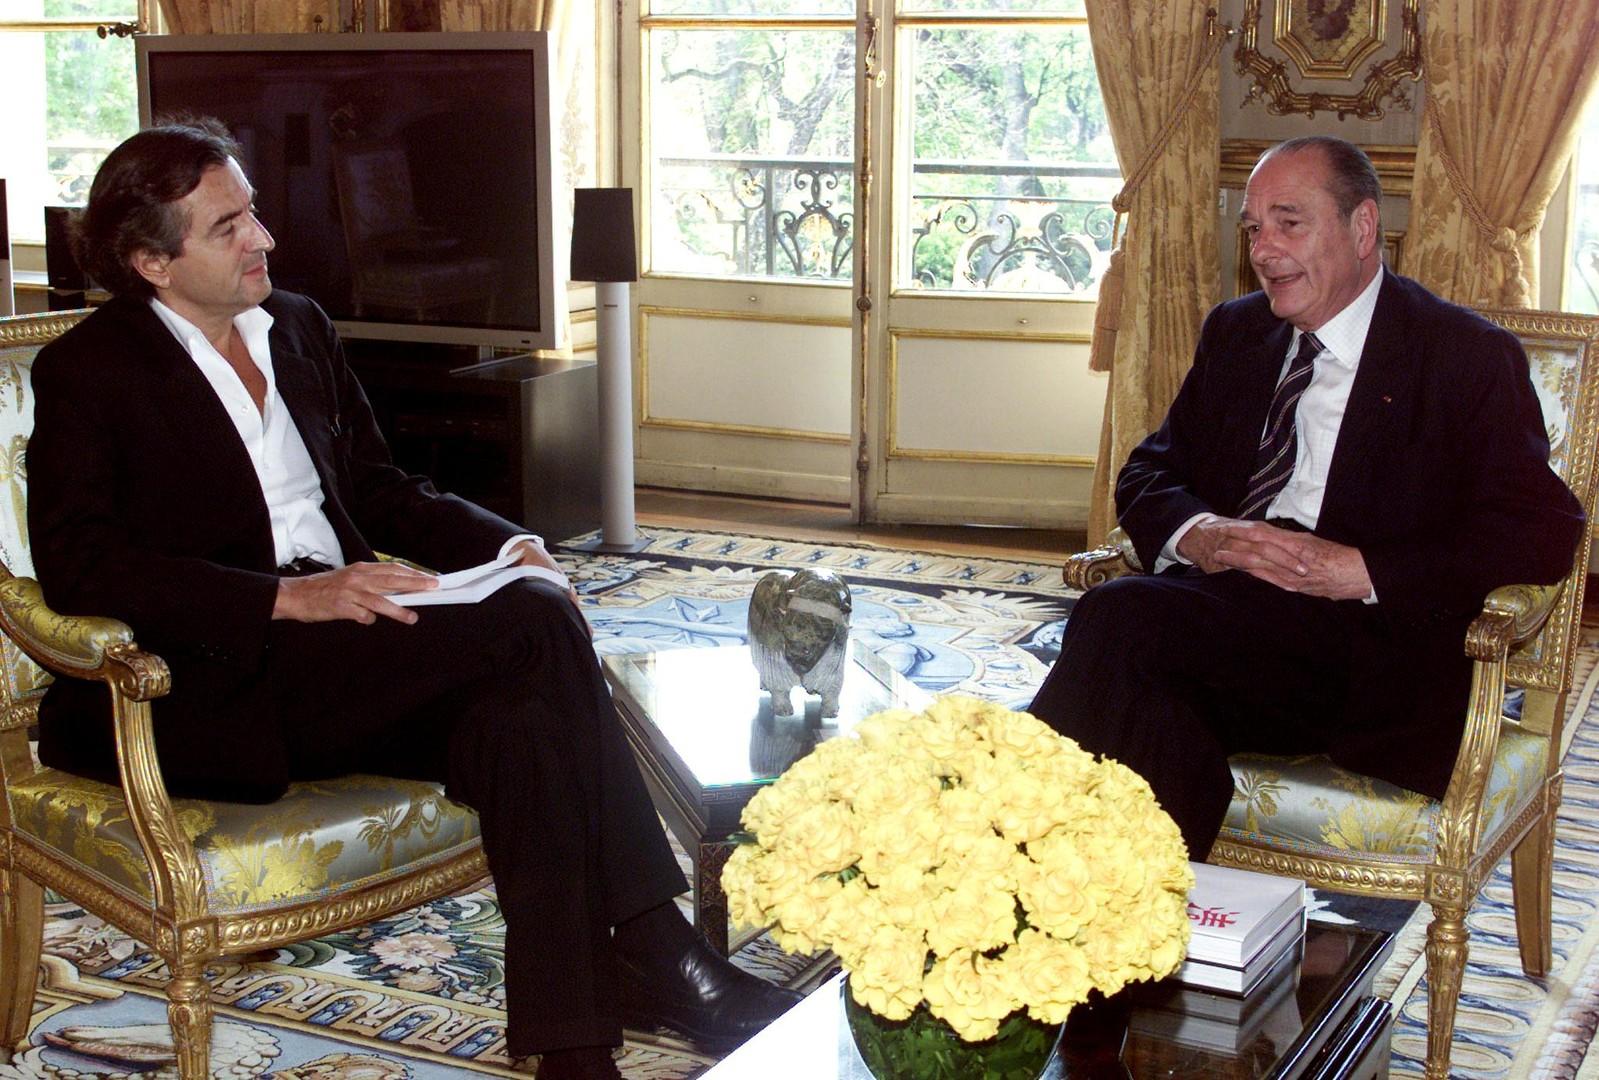 Bernard-Henri Lévy et Jacques Chirac à l'Elysée le 3 avril 2002.